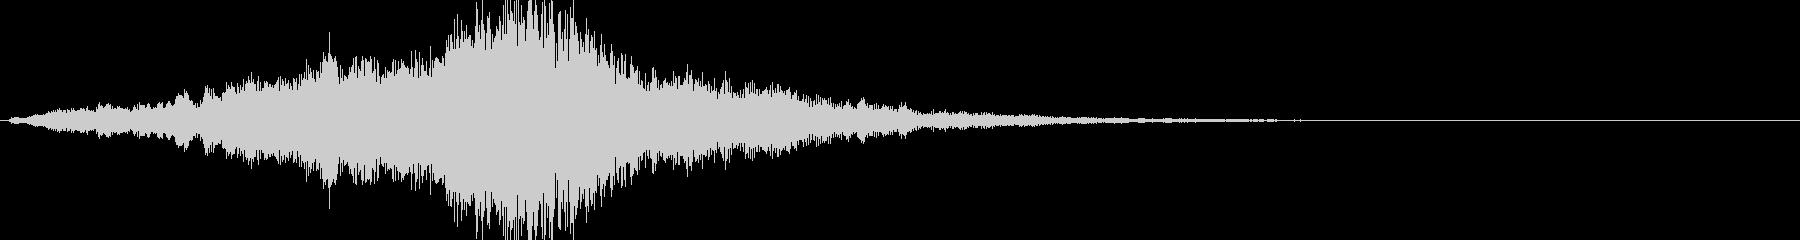 映画・映像用サウンドロゴ002の未再生の波形